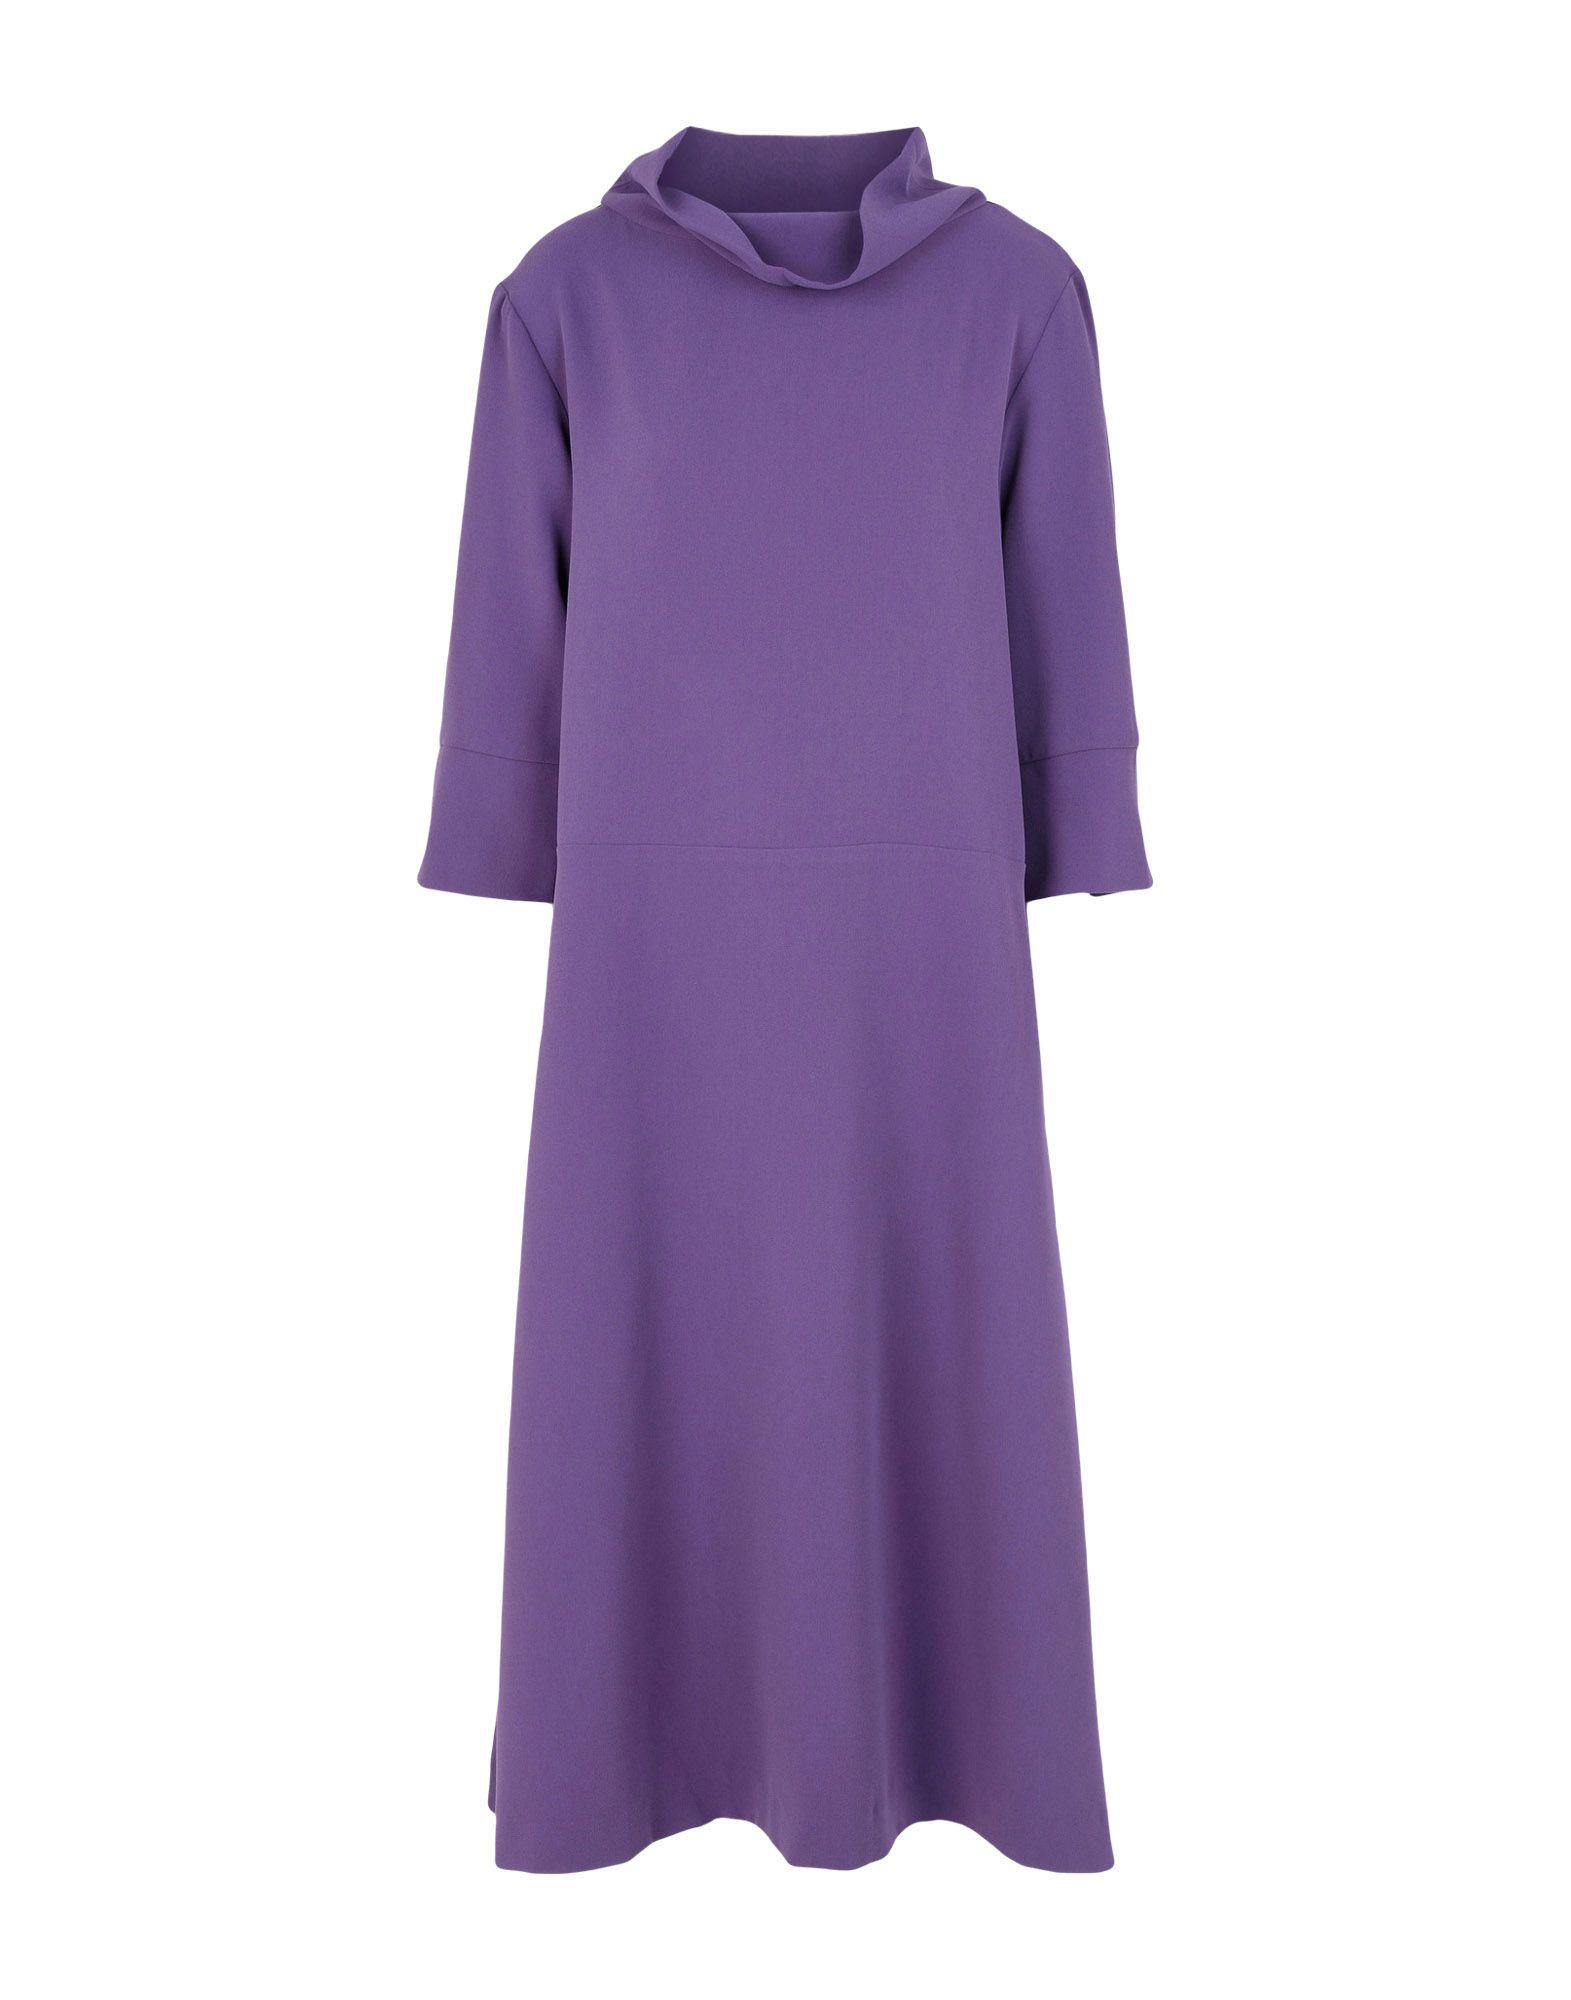 Vestido en violeta con cuello alto, de 5Preview en Yoox (105 euros).